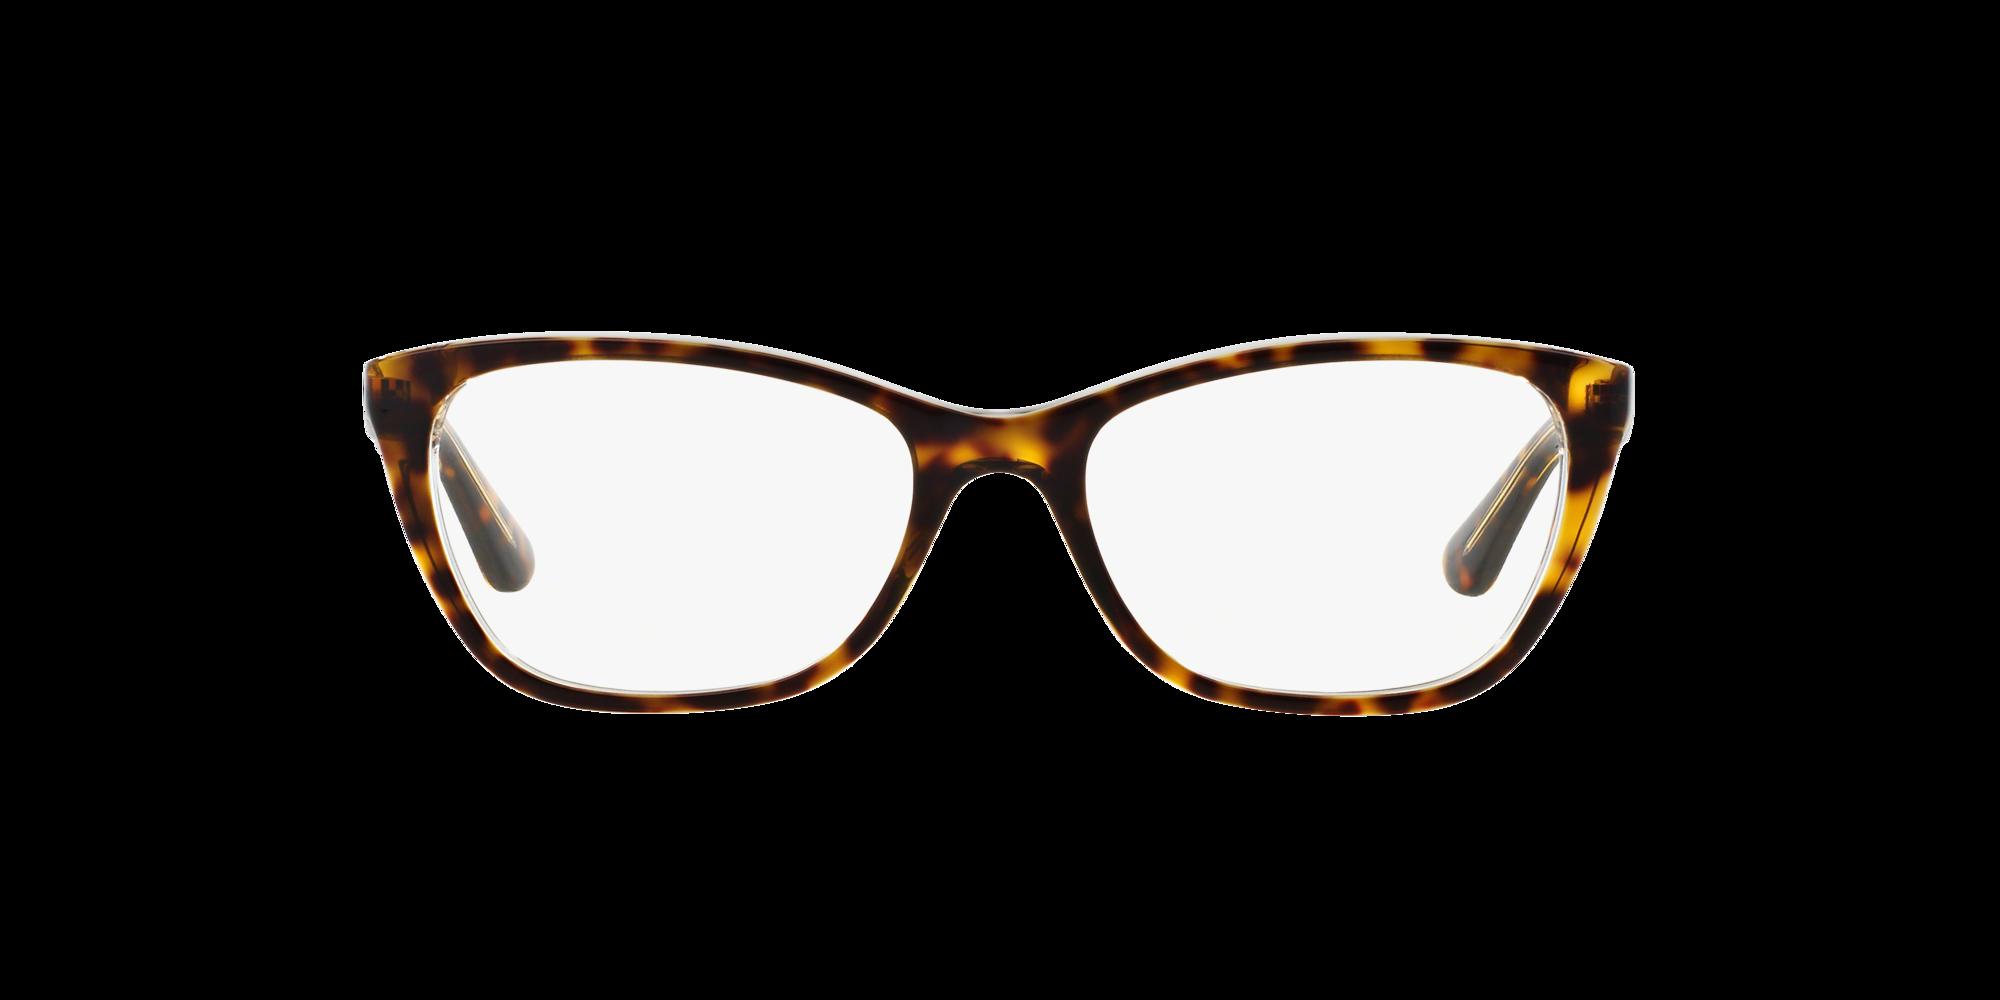 Imagen para VO2961 de LensCrafters |  Espejuelos, espejuelos graduados en línea, gafas